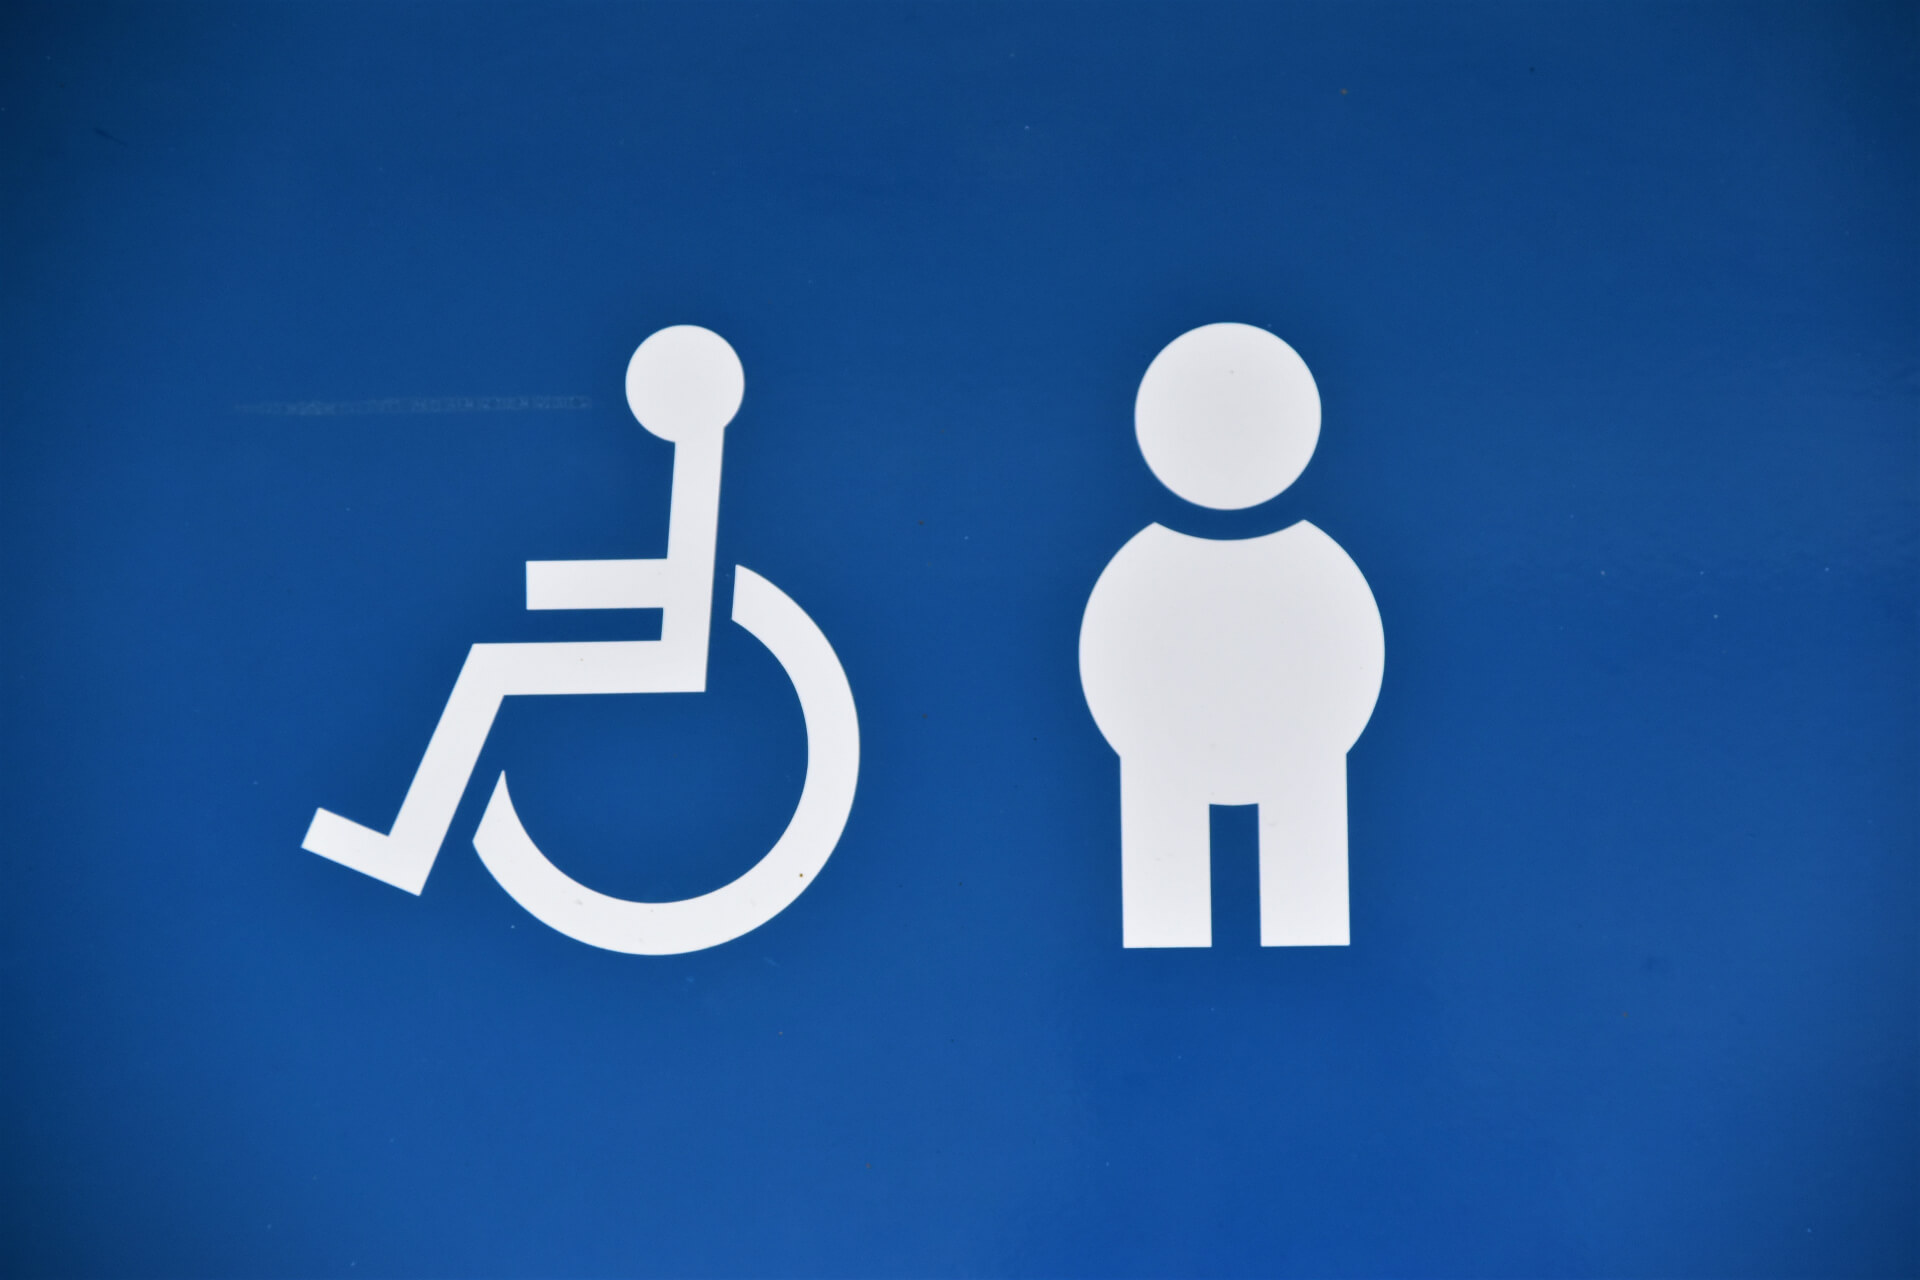 Die kognitive Beeinträchtigung ist eine Behinderung.